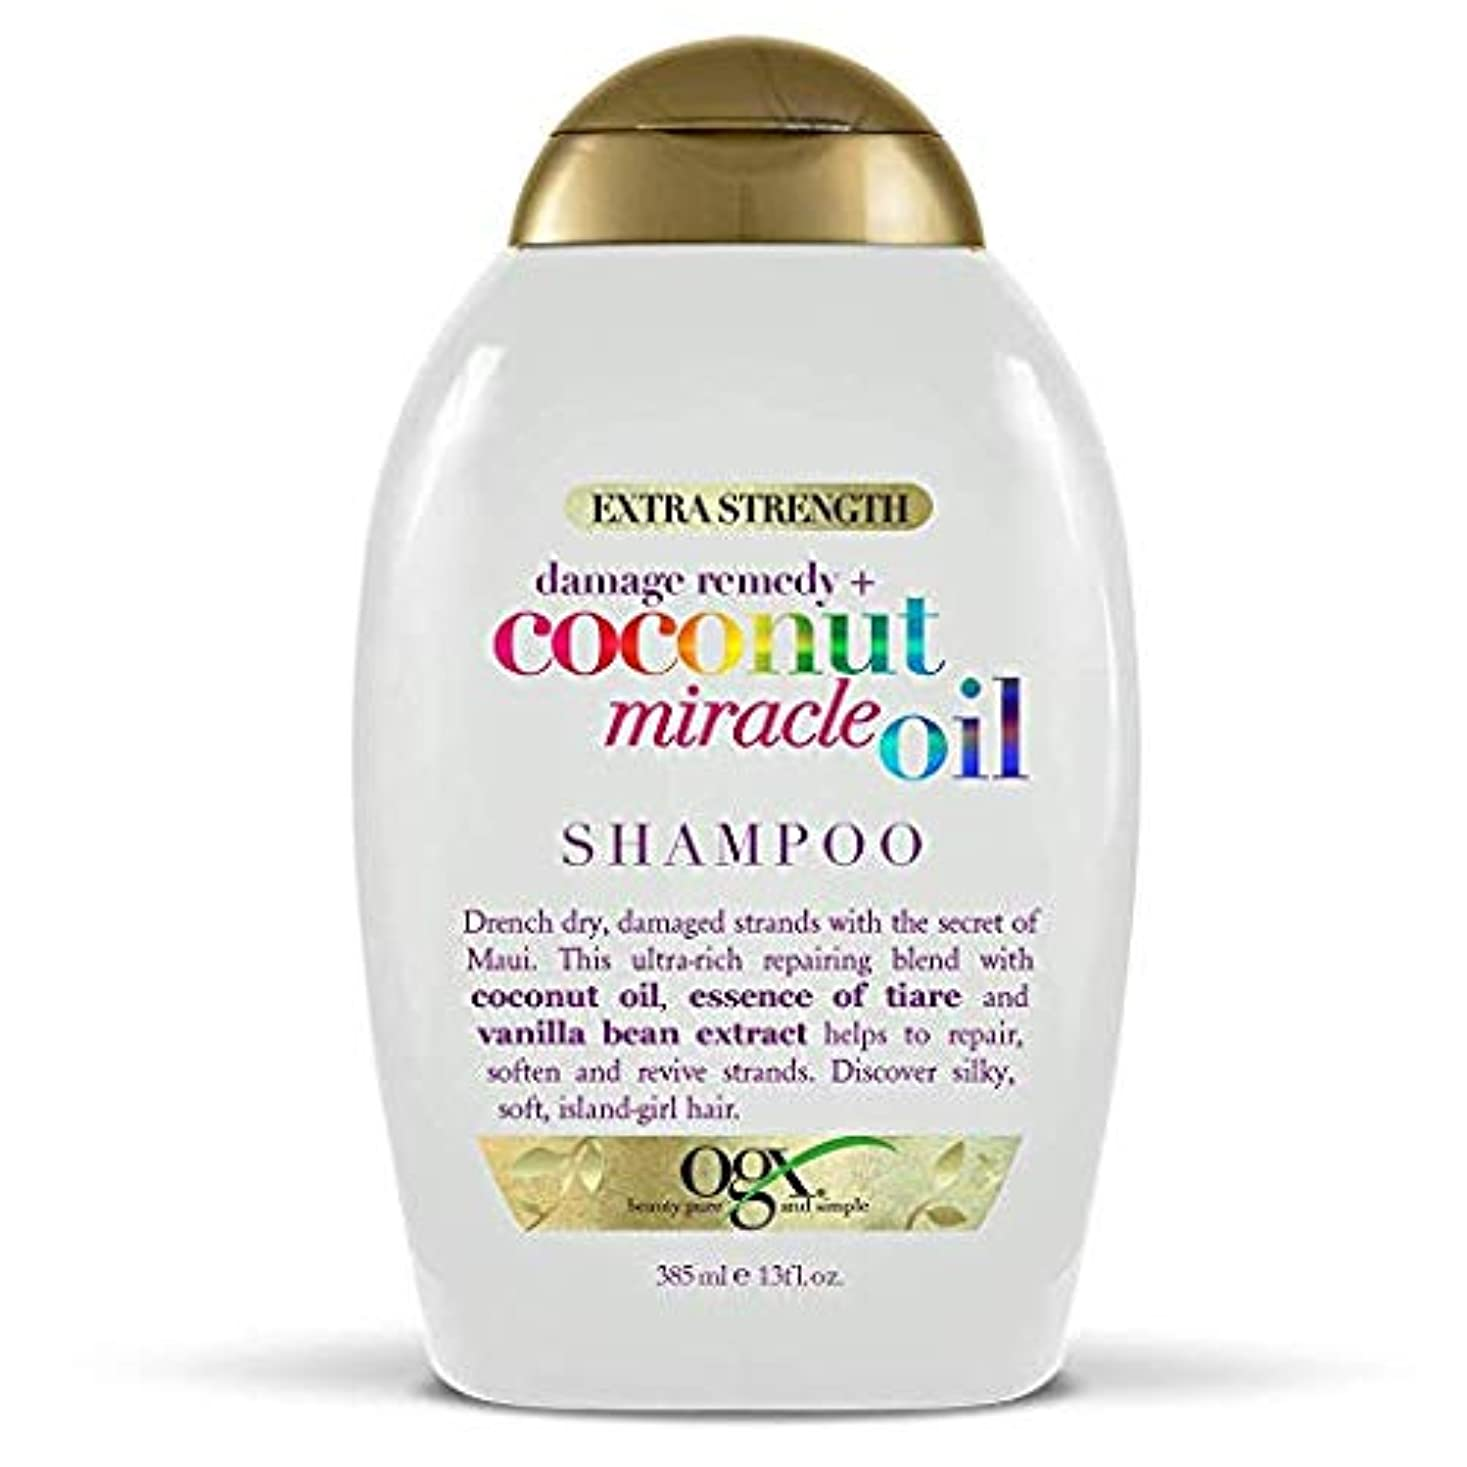 舗装社説放映Ogx Shampoo Coconut Miracle Oil Extra Strength 13oz OGX ココナッツミラクルオイル エクストラストレングス シャンプー 385ml [並行輸入品]